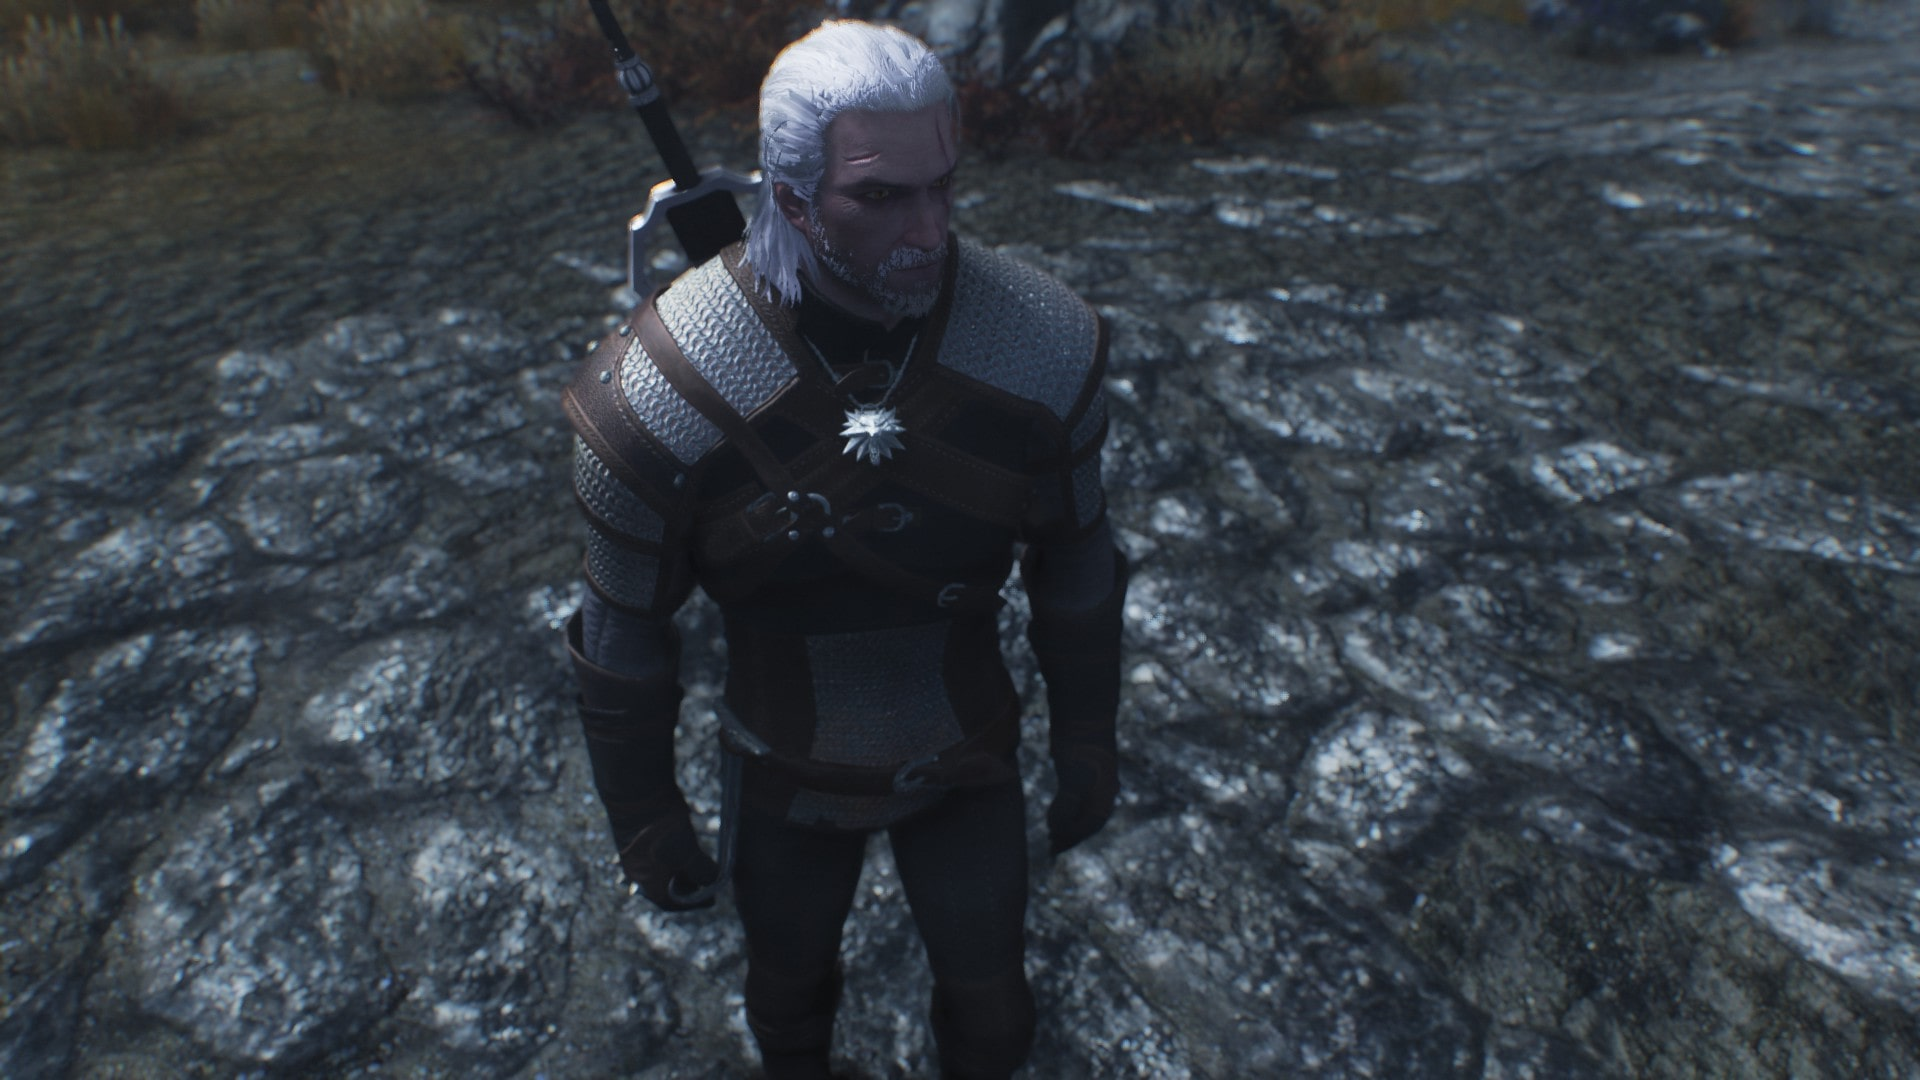 Witcher 3 Geralt of Rivia Skyrim Mod | Геральт из Ривии в Скайриме